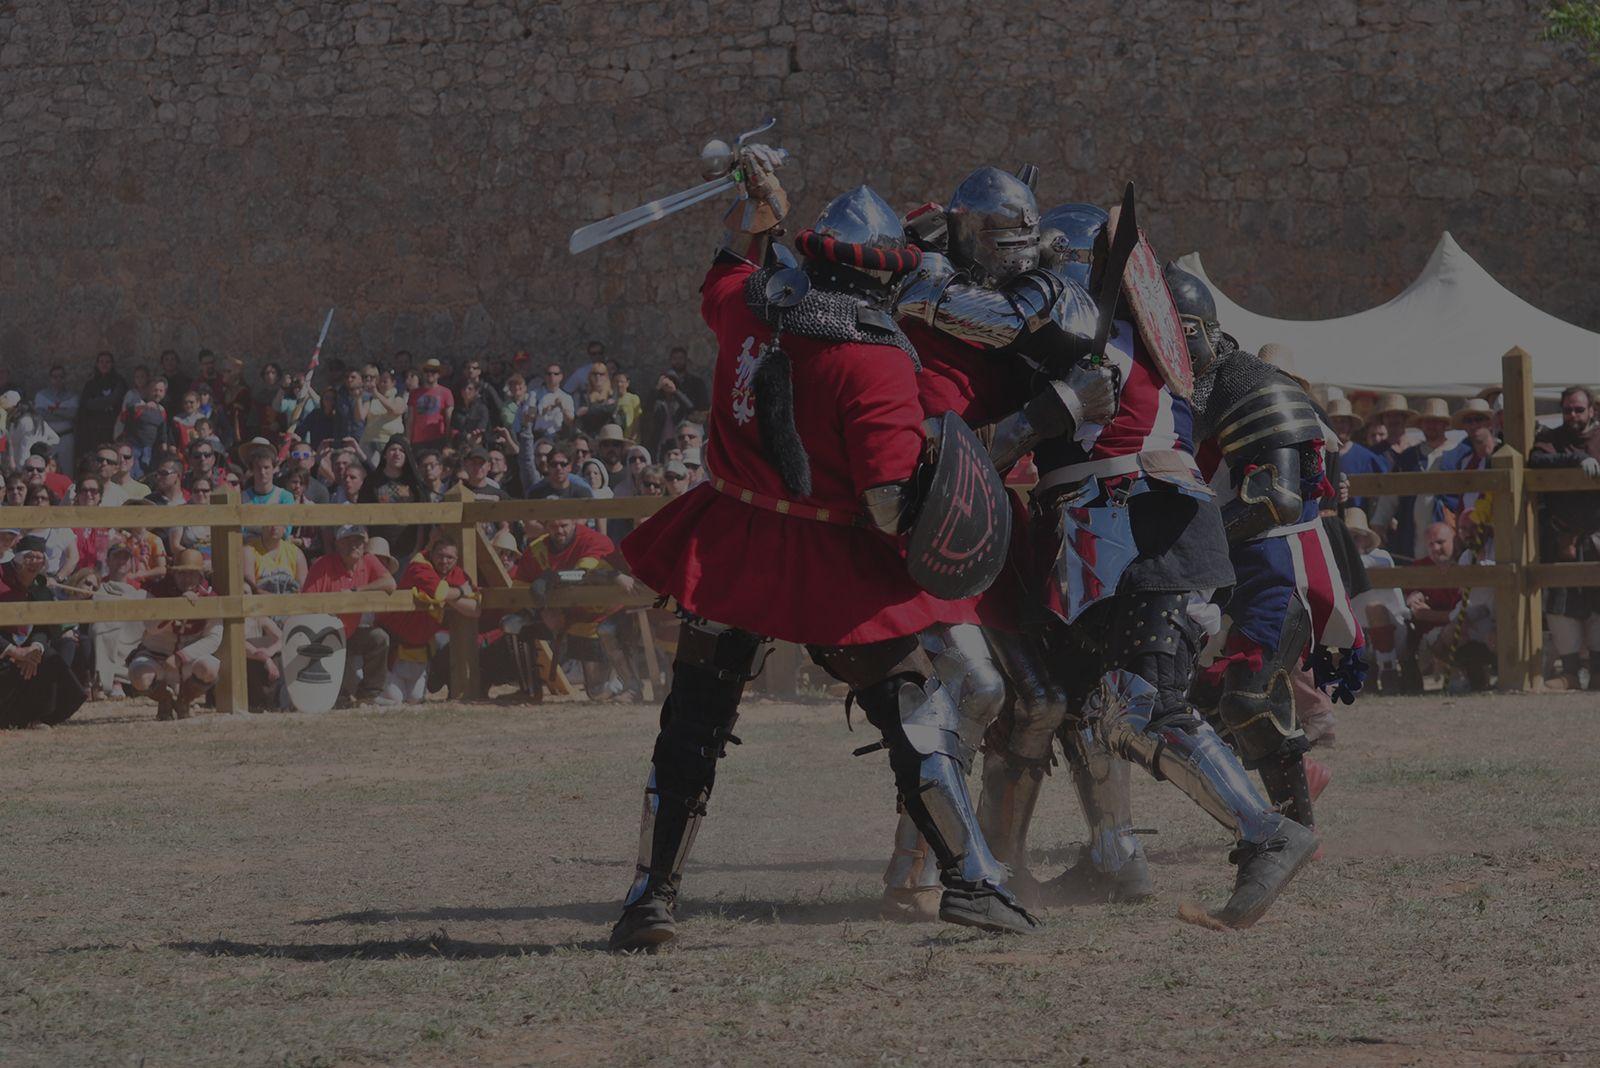 Zobacz film – tutaj rycerze walczą naprawdę!